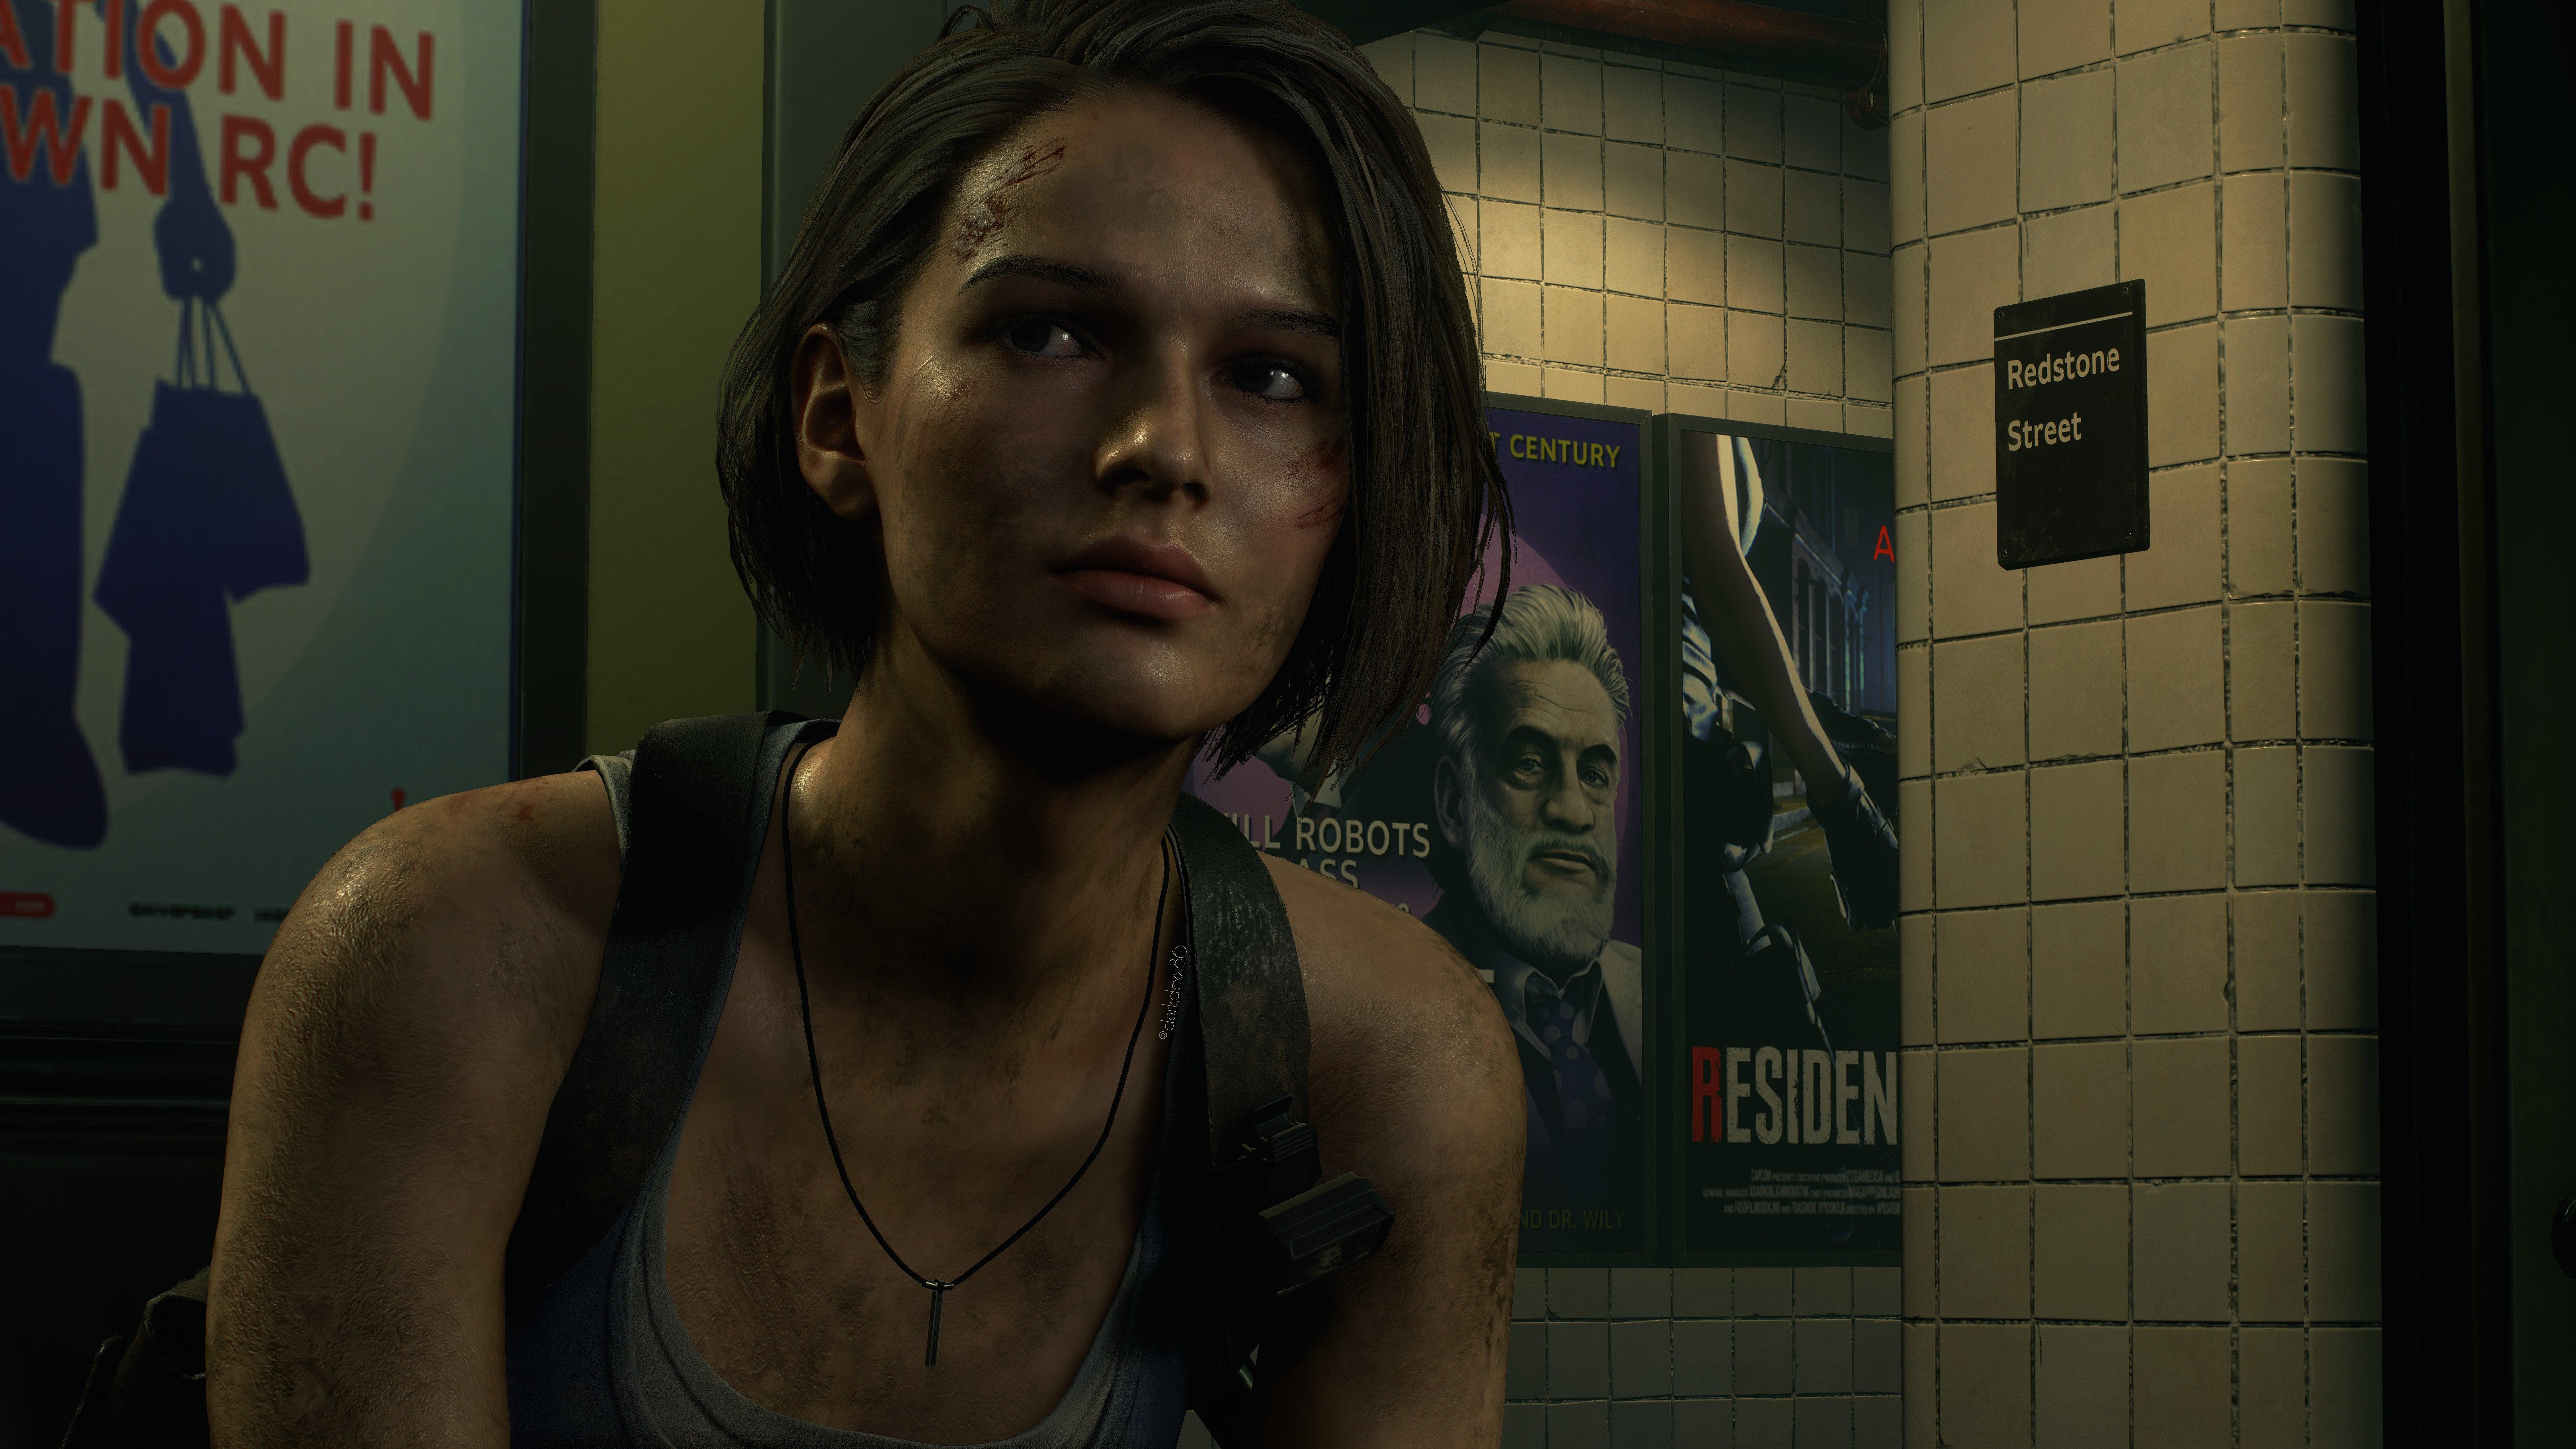 Resident Evil 3 Nemesis.jpg - Resident Evil 3: Nemesis 8K